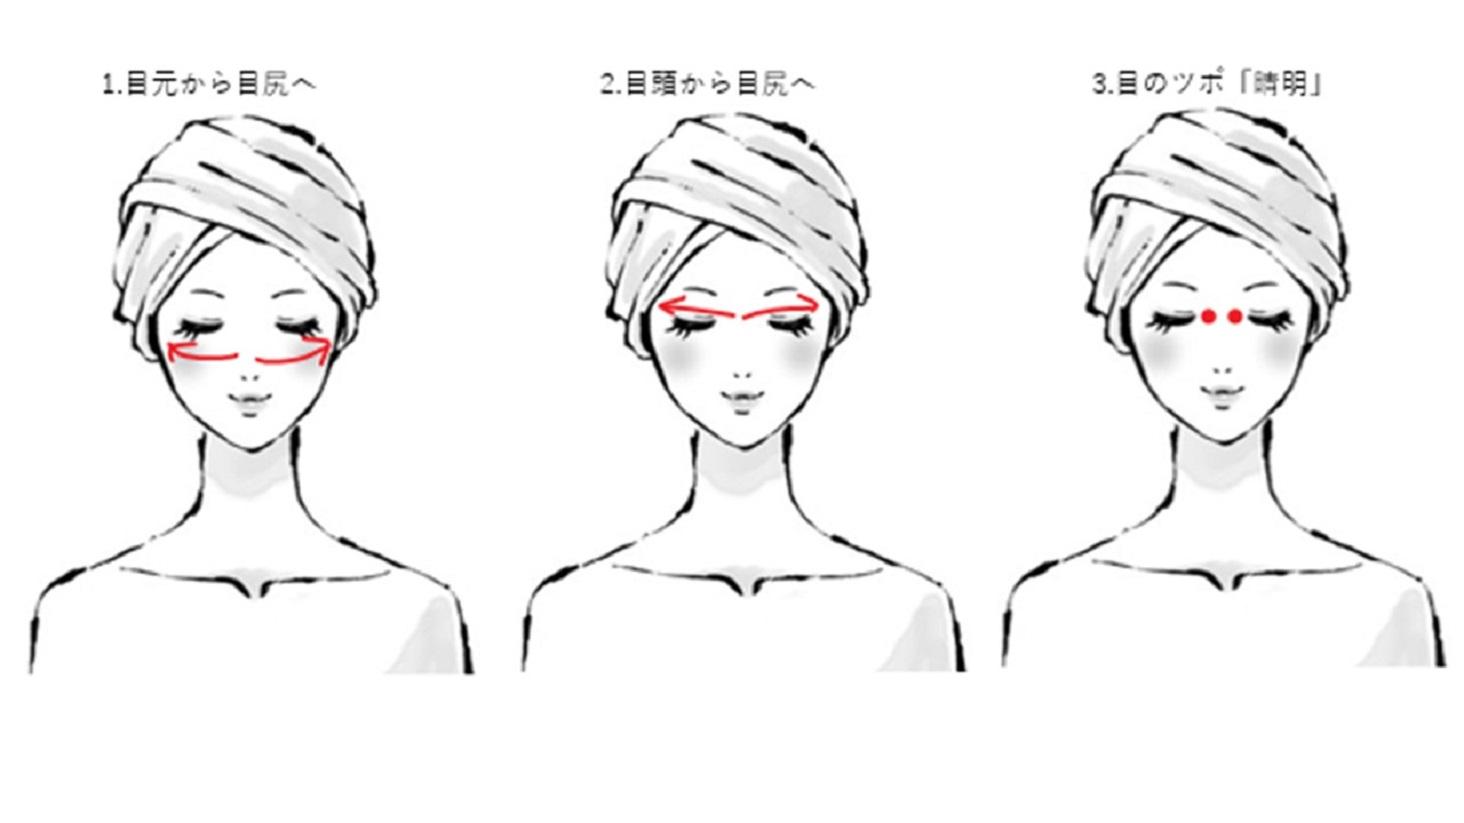 目もとのマッサージを示した女性のイラスト